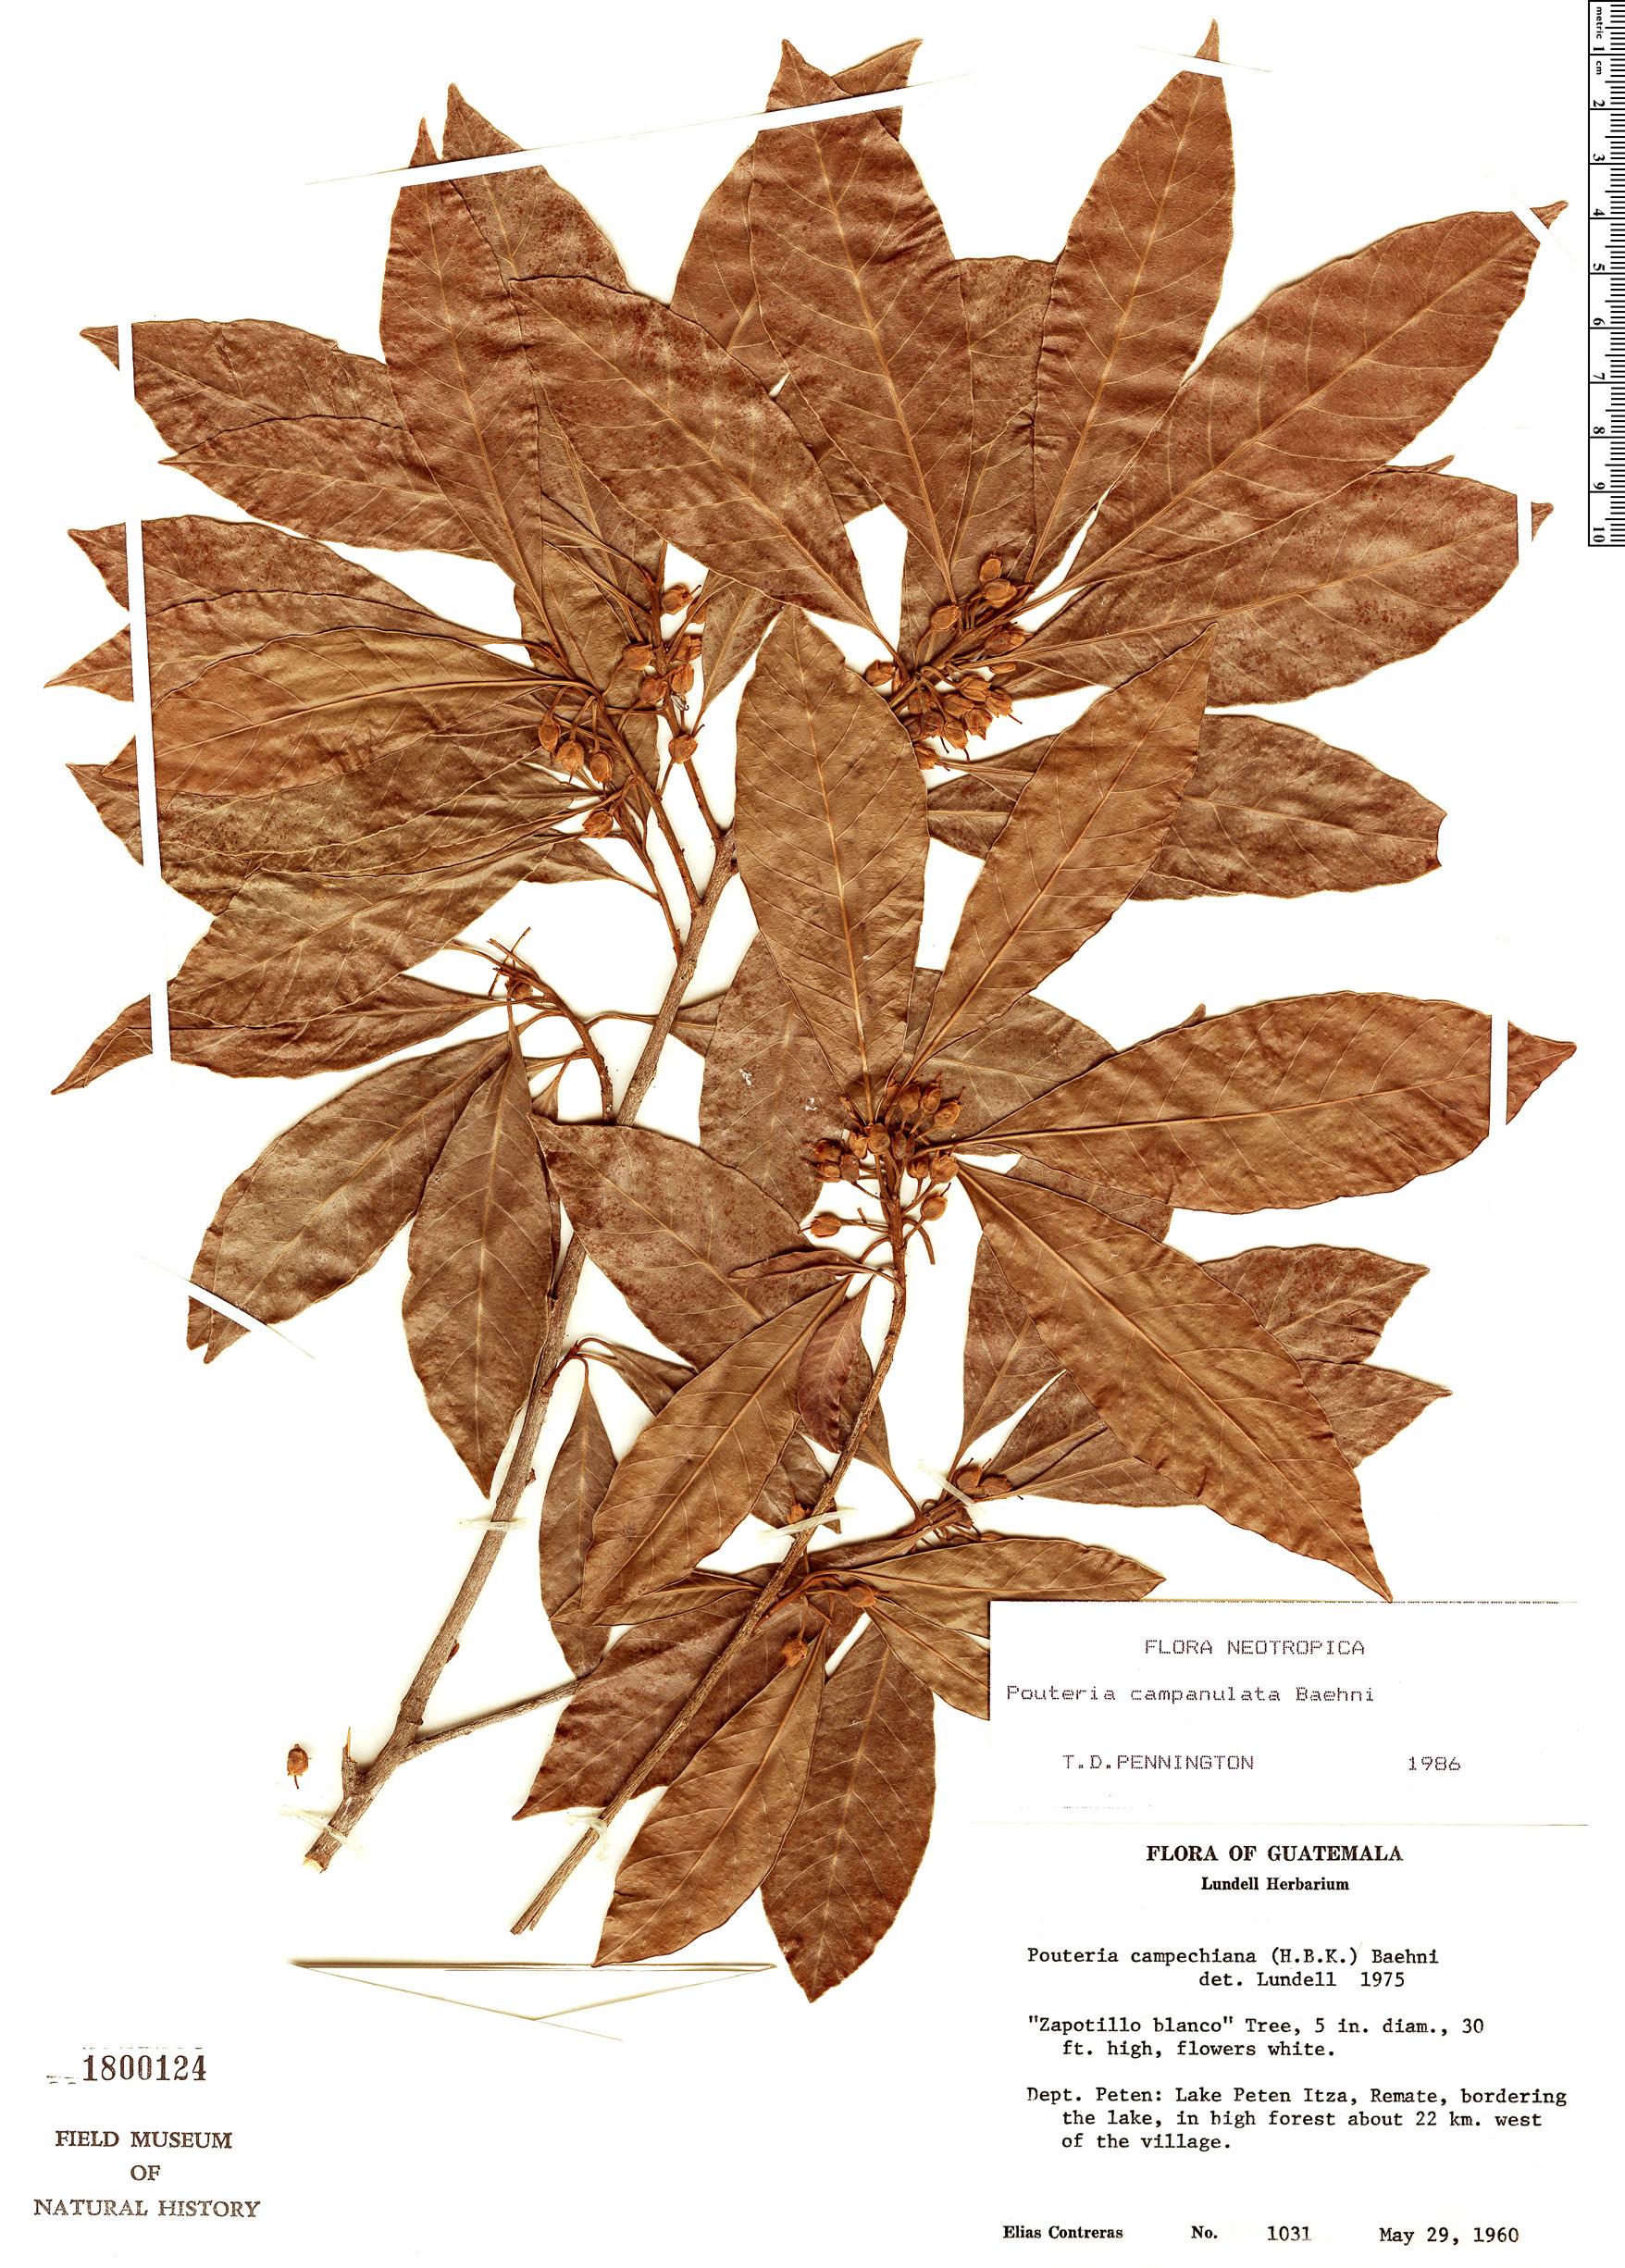 Espécime: Pouteria campanulata